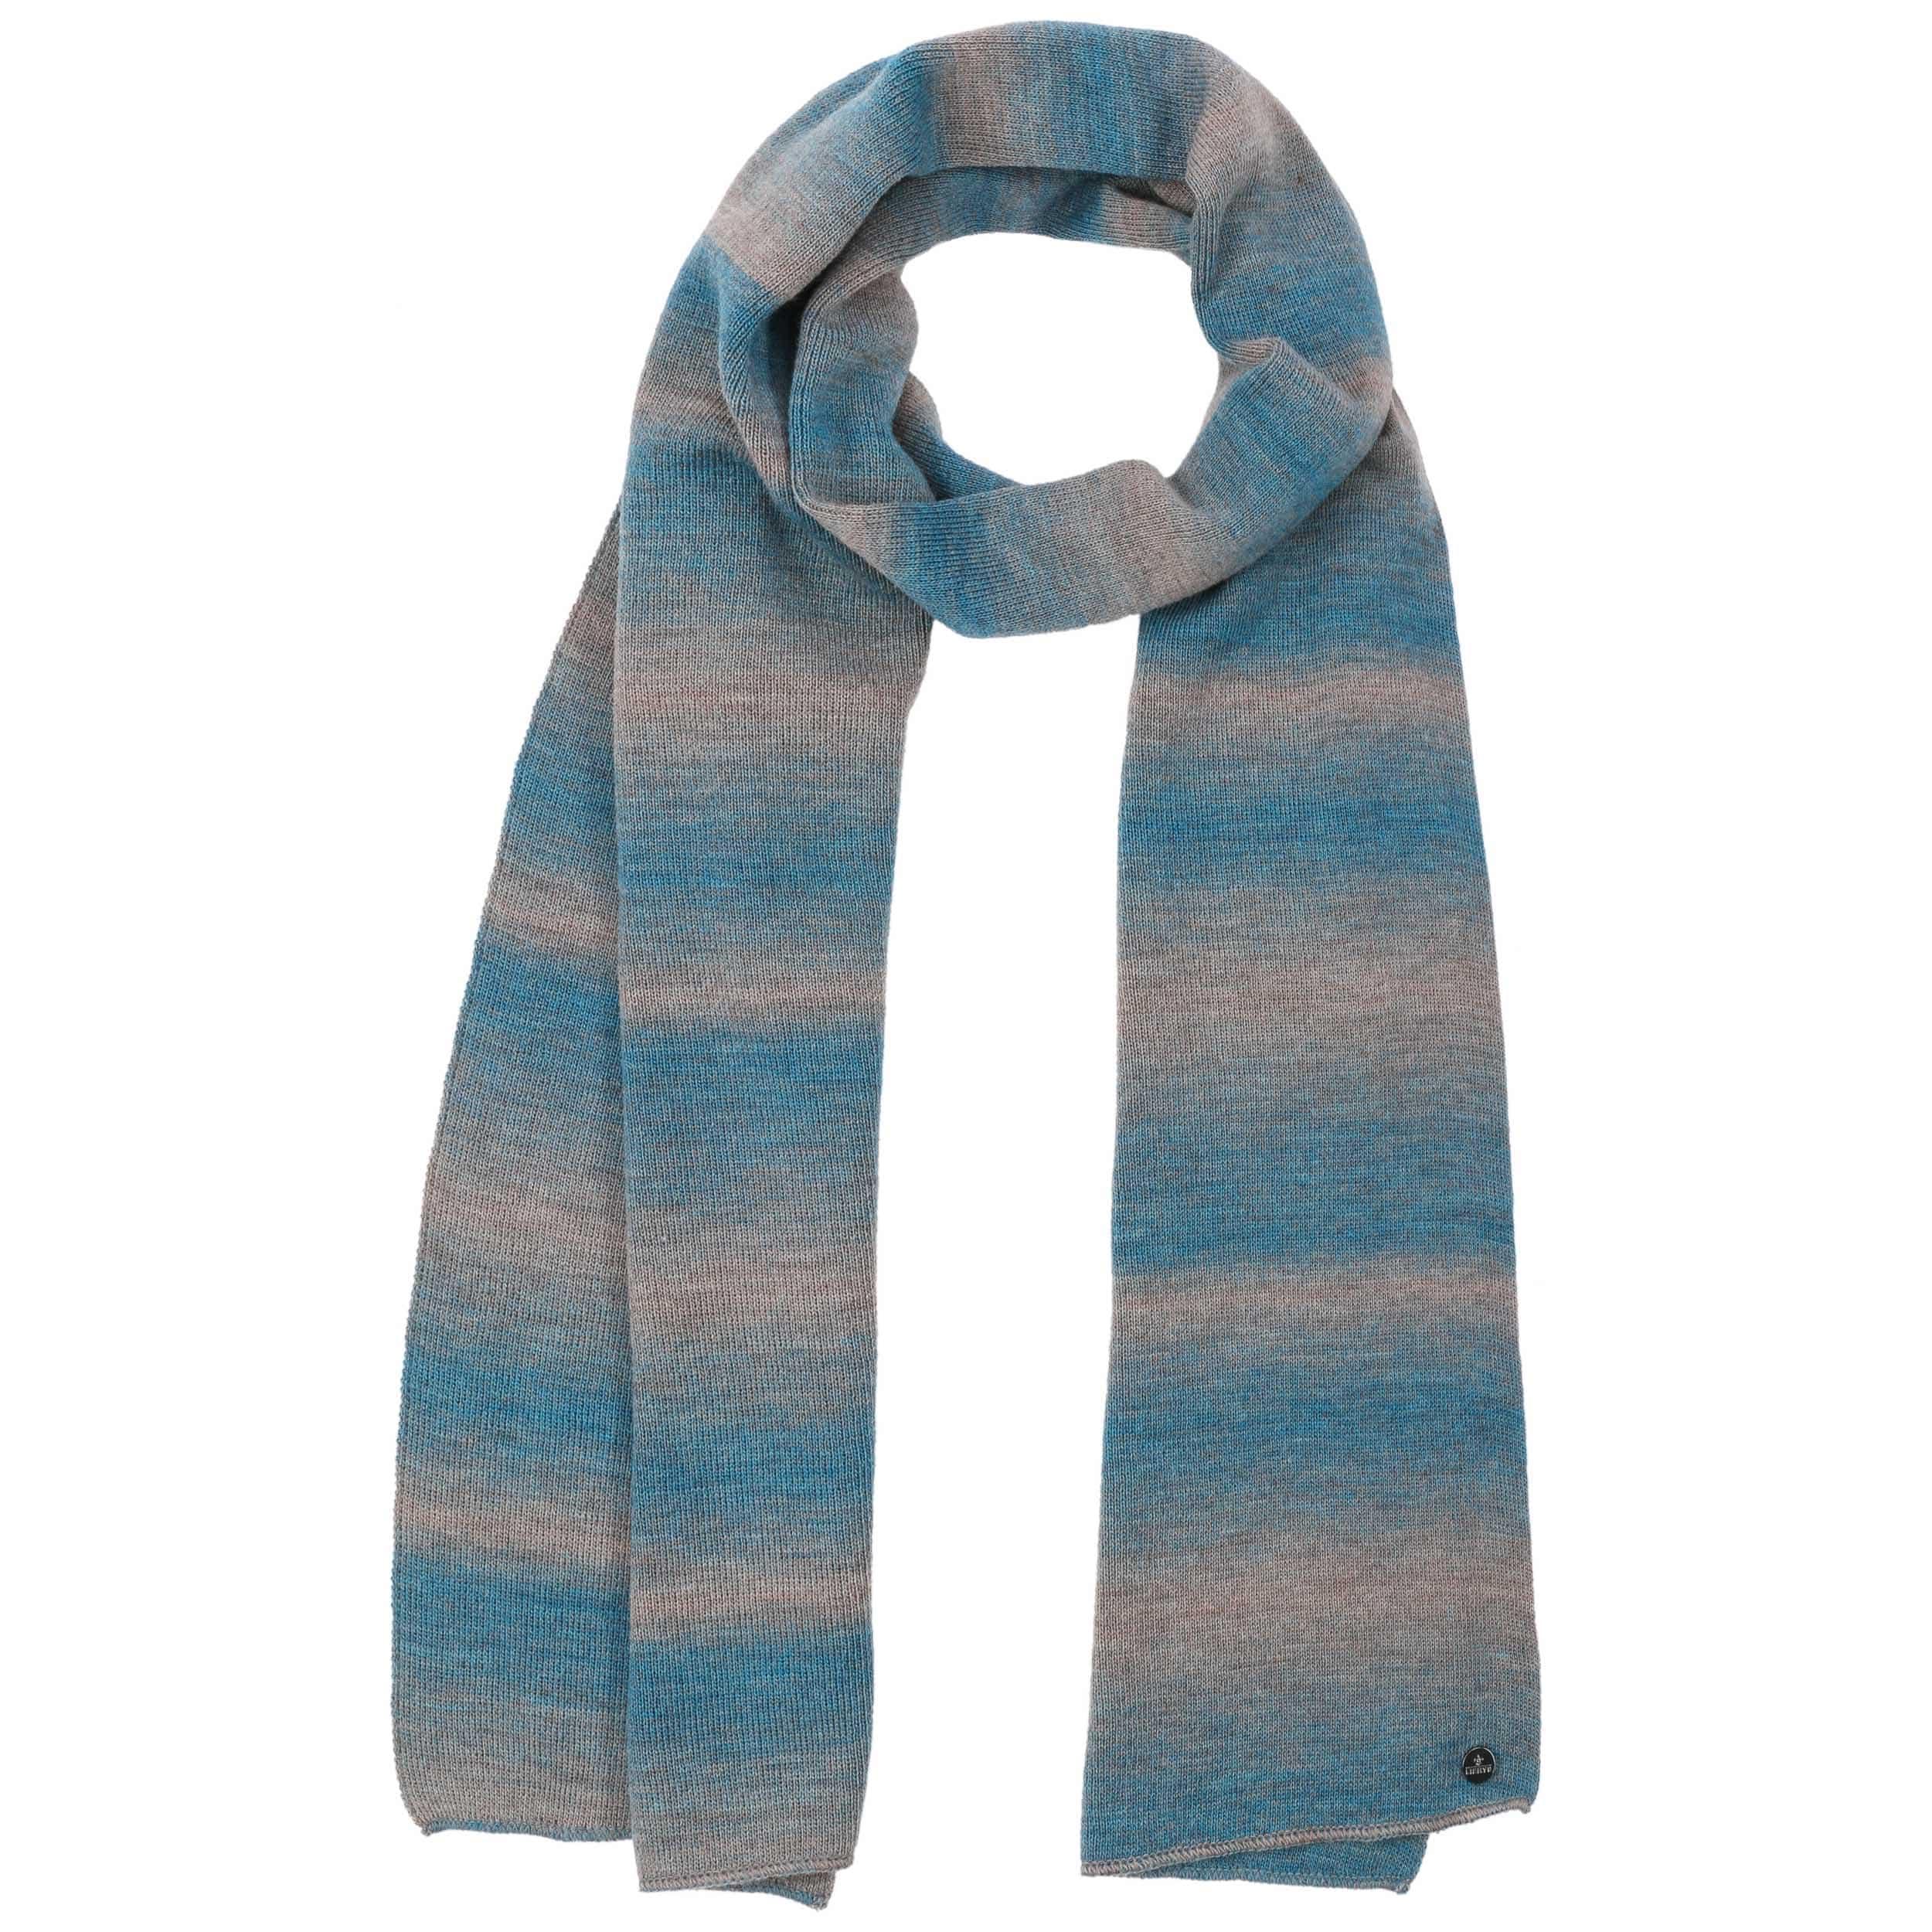 Mélange Stripes Knit Scarf by Lierys, EUR 39,95 --> Hats, caps ...